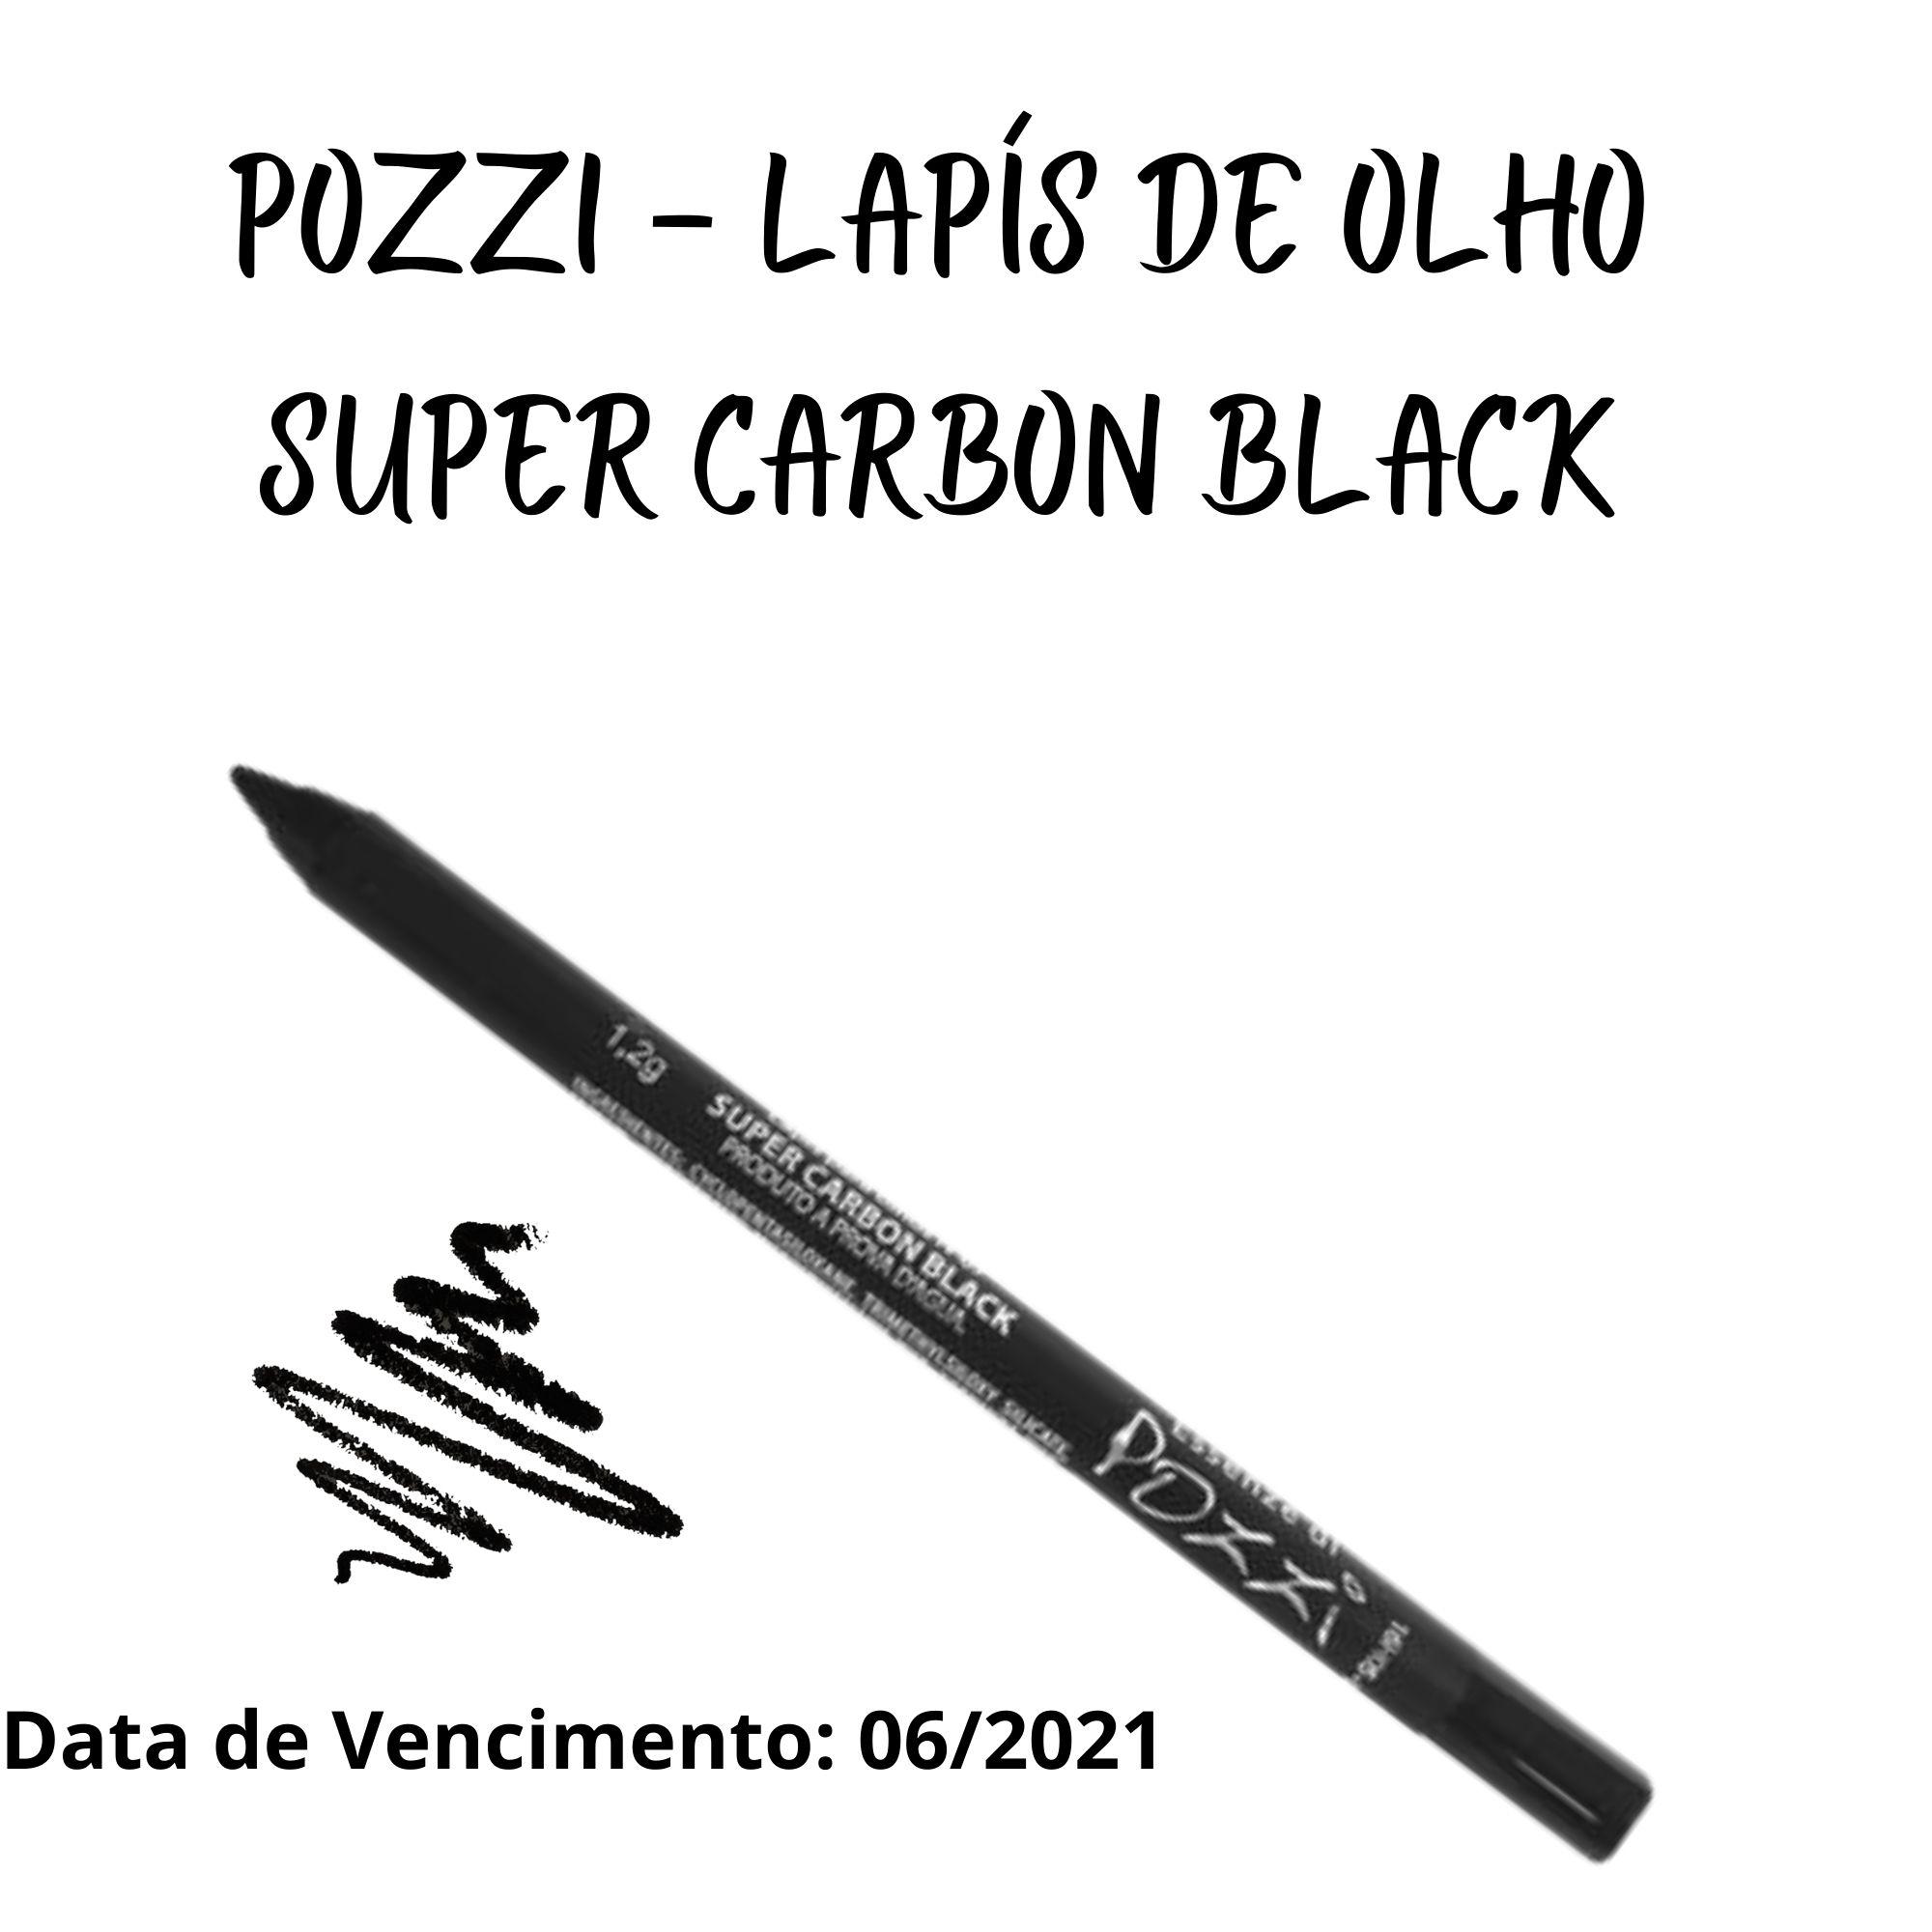 Pozzi - Lápis Super Carbon BlacK - VENCIMENTO 06/2021